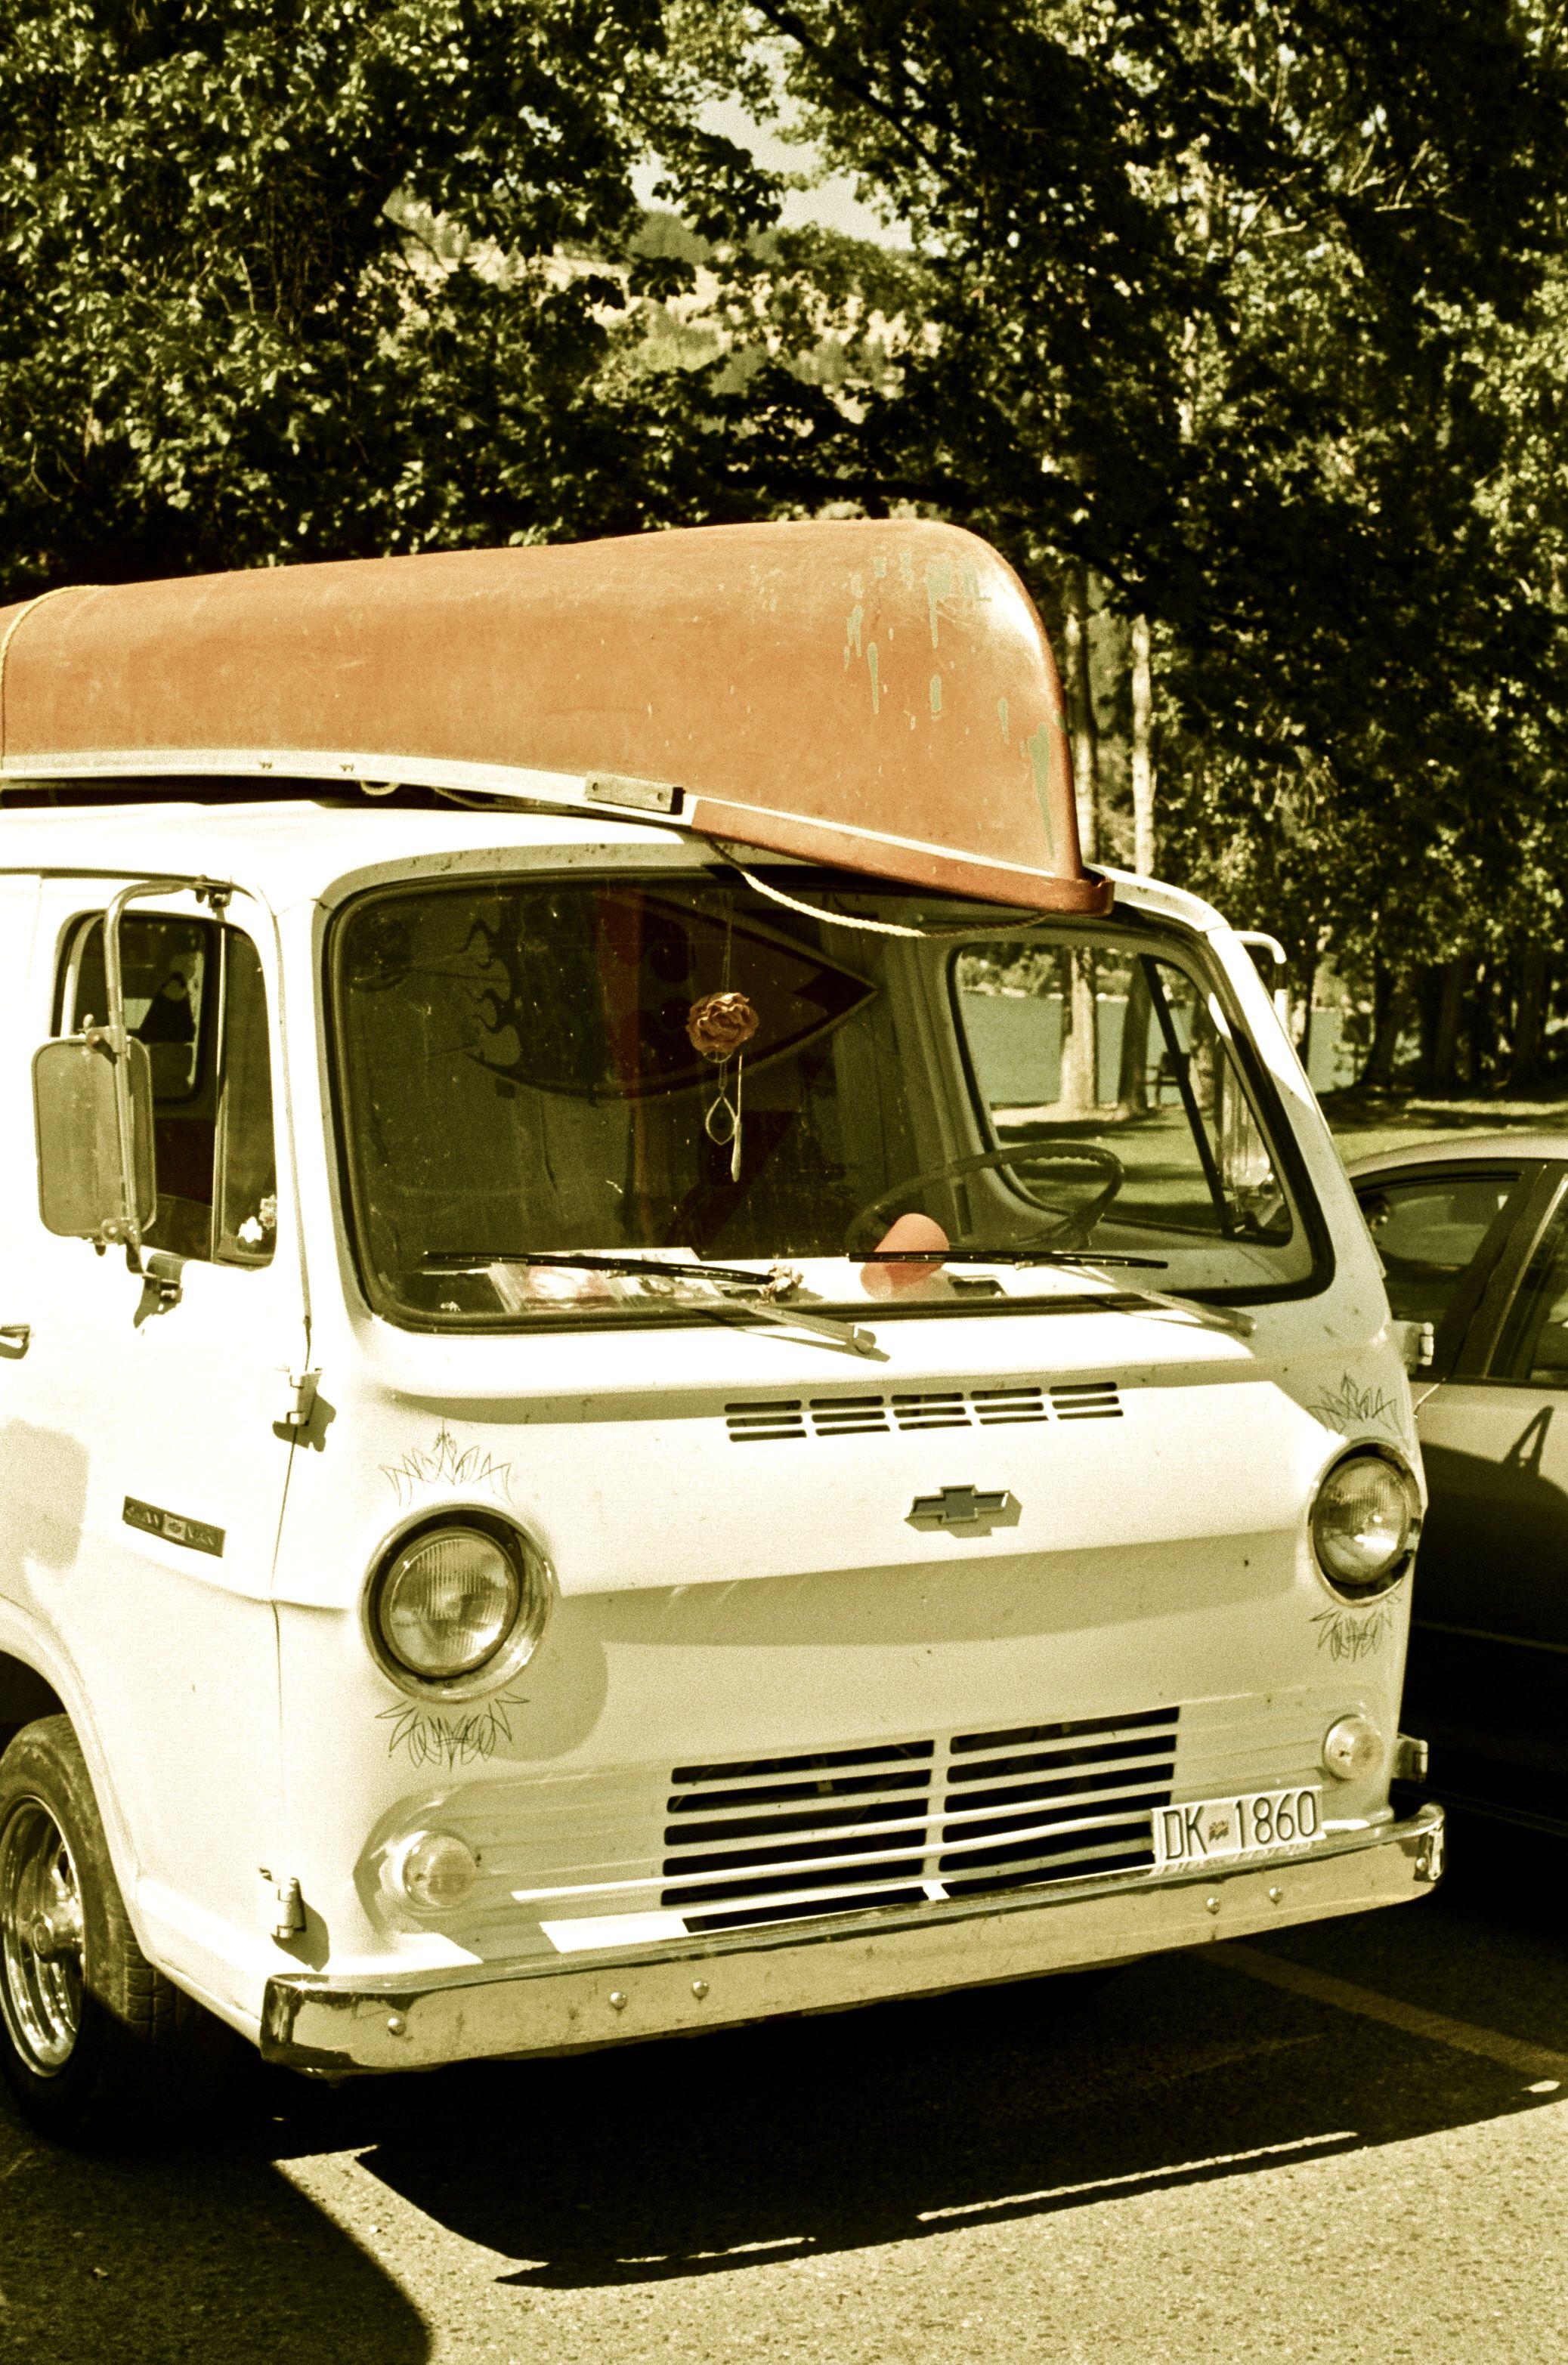 old chevy van. | Custom vans | Pinterest | Chevy vans, Vans and Cars